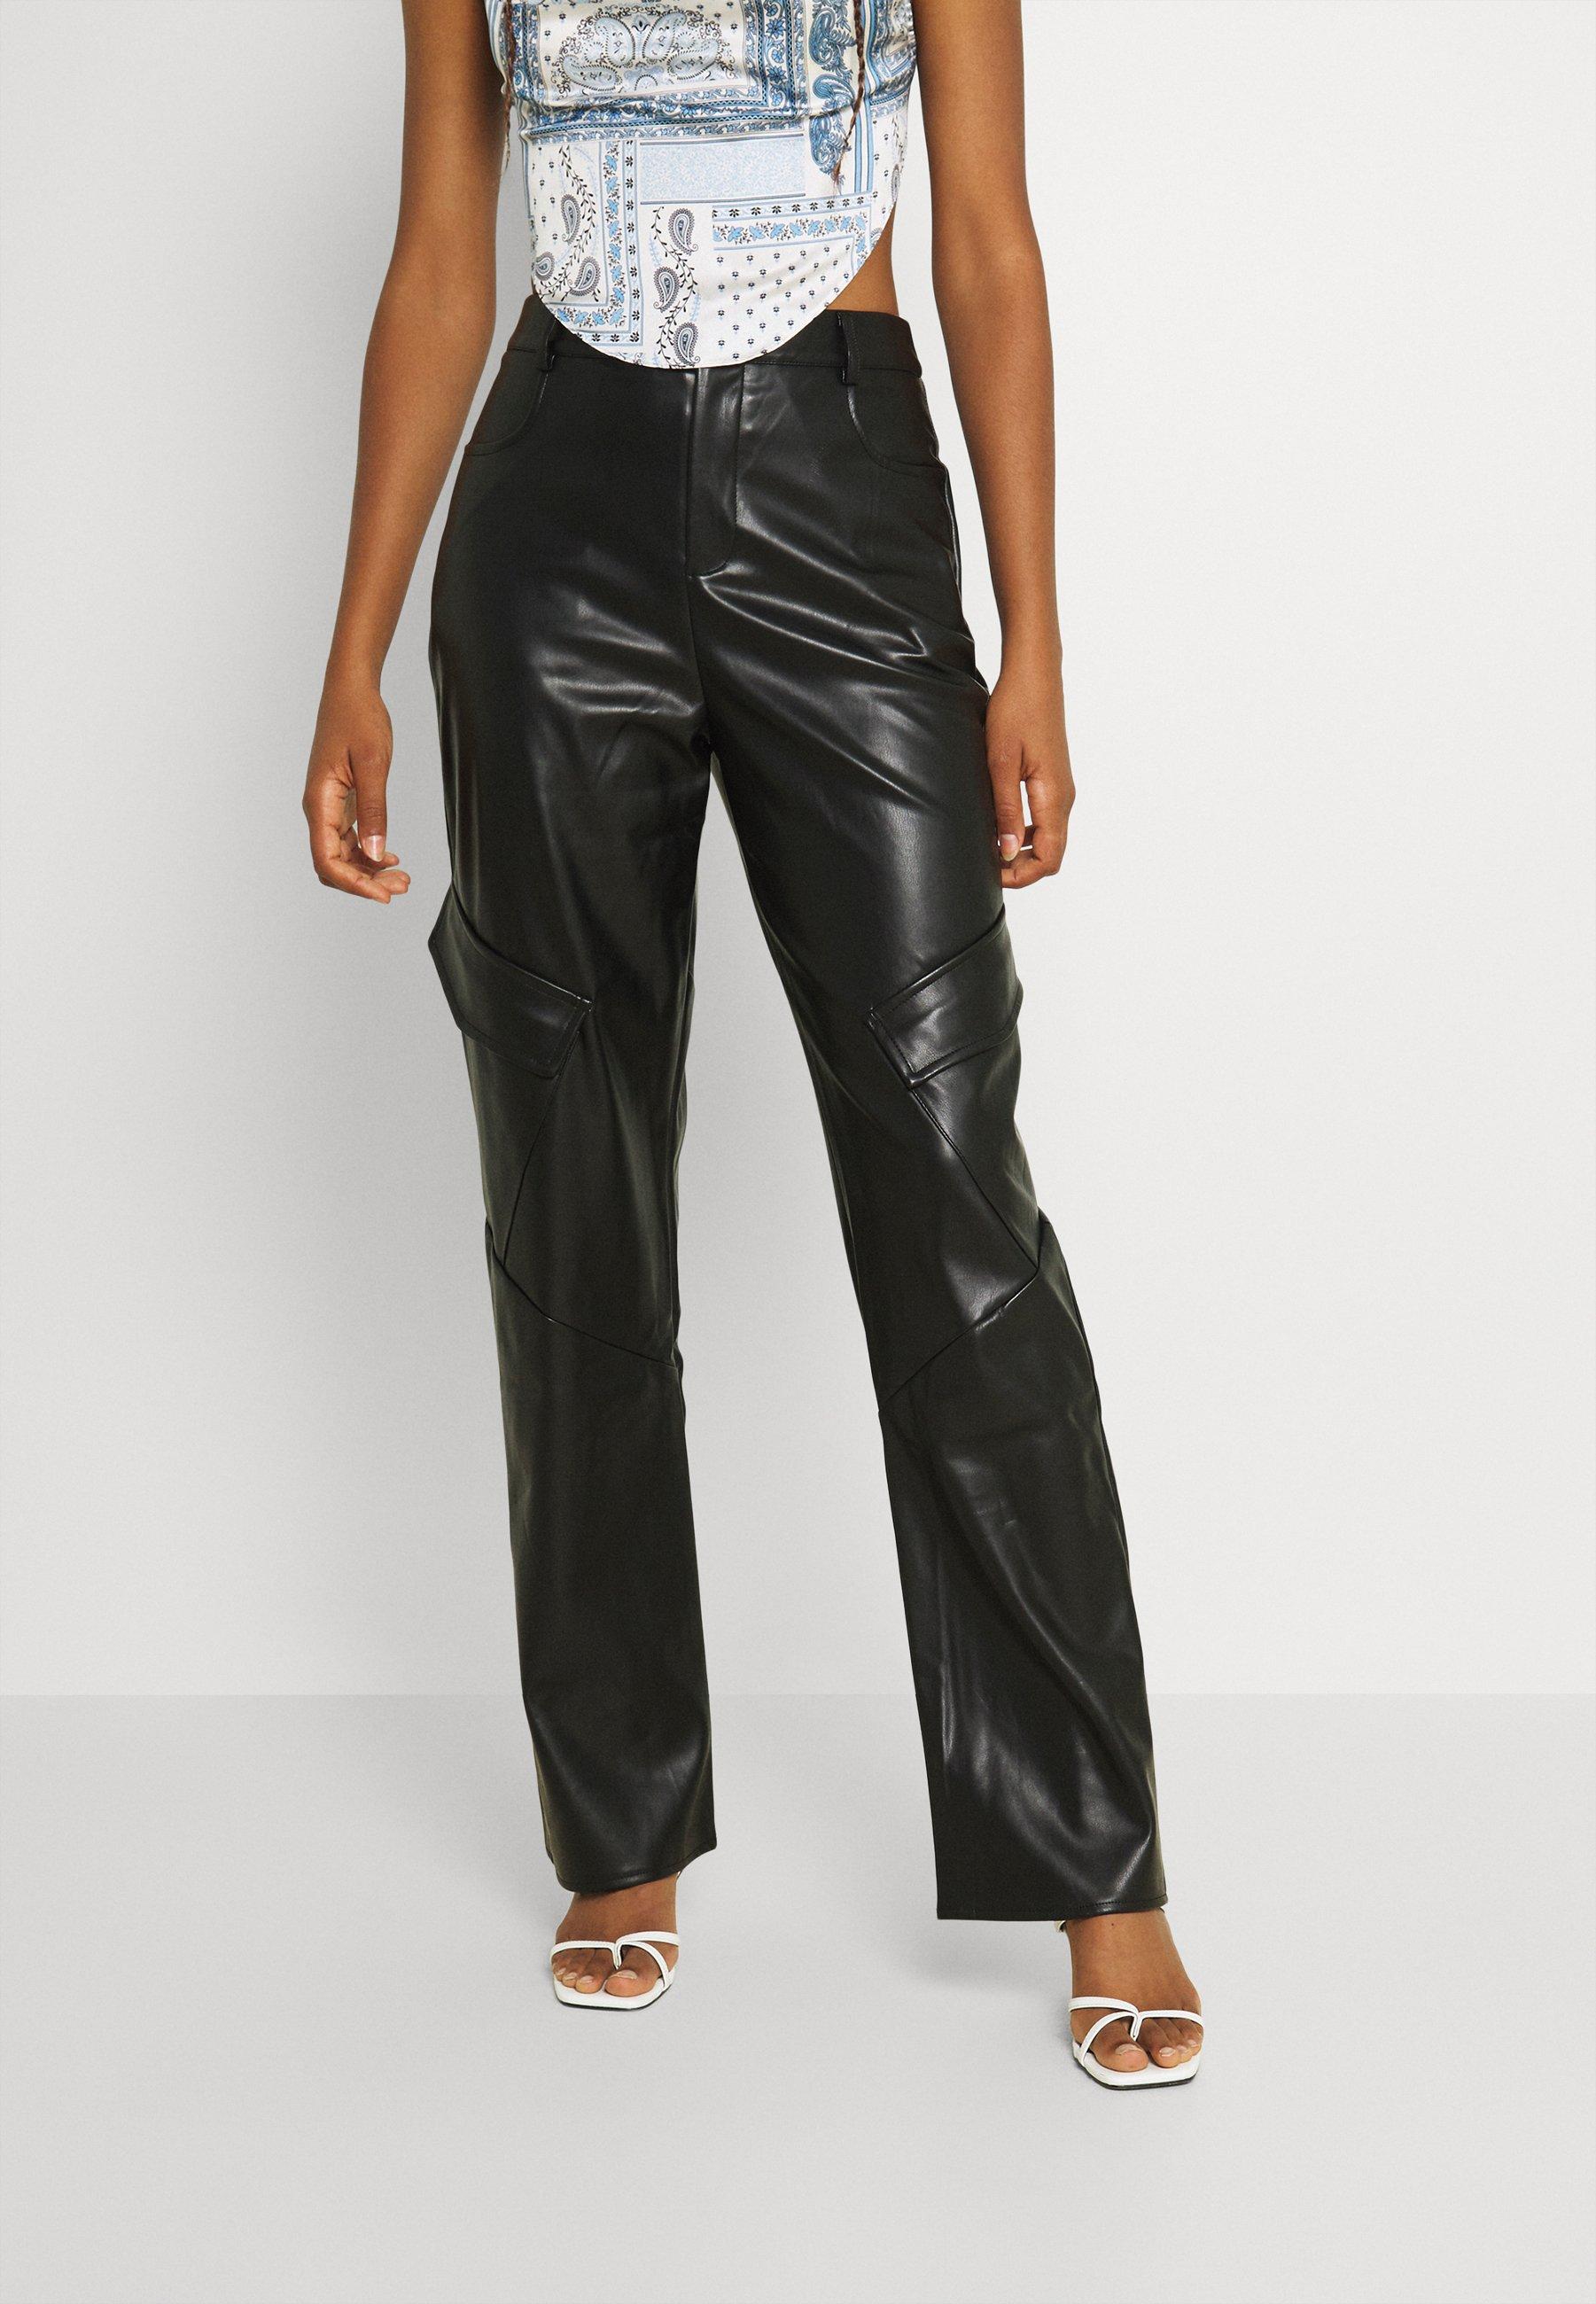 Femme POCKET DETAIL STRAIGHT LEG TROUSER - Pantalon classique